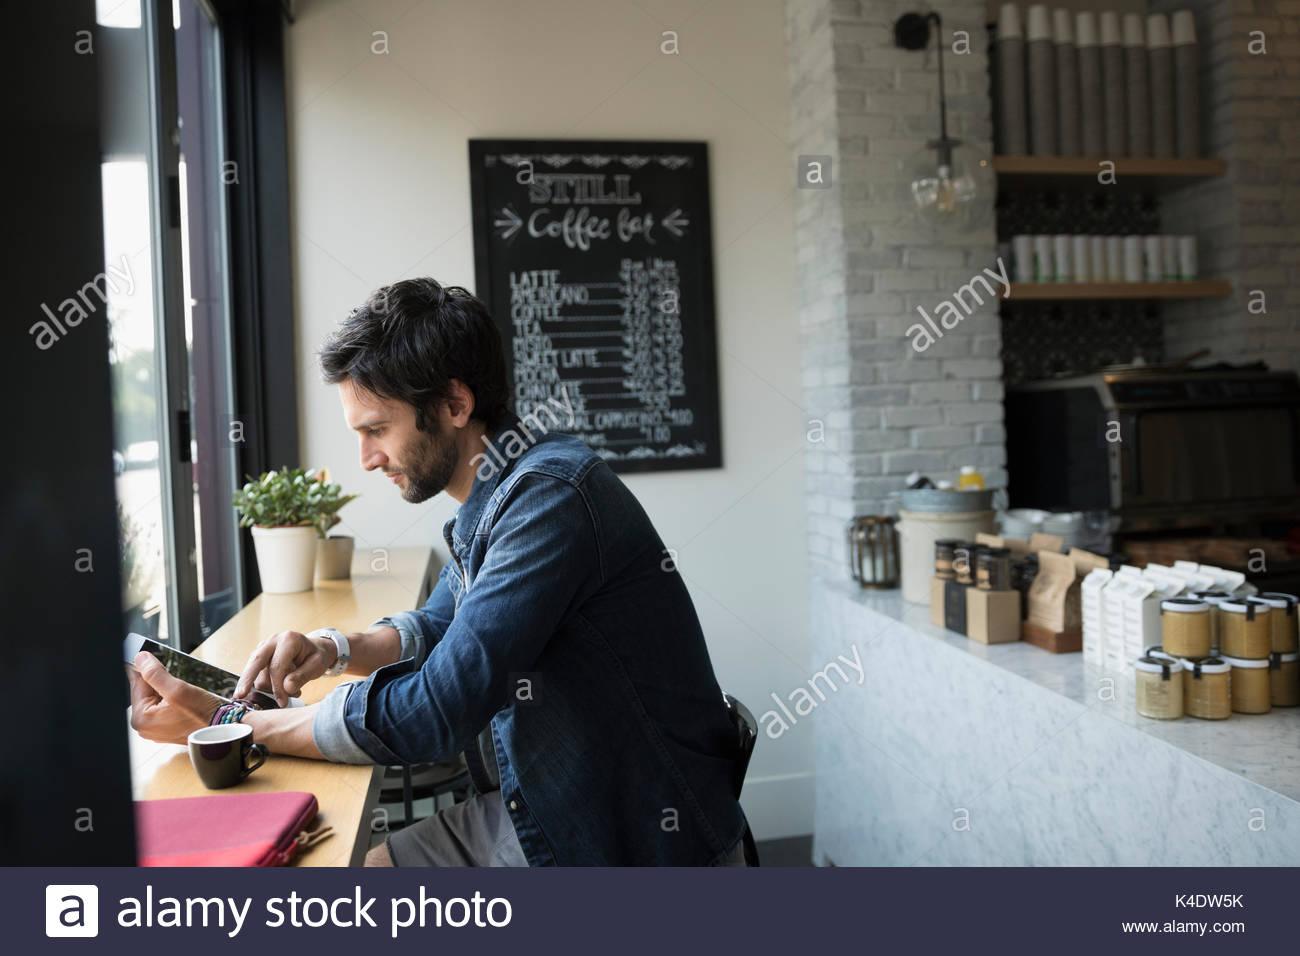 Hombre utilizando tableta digital en el café la ventana Imagen De Stock